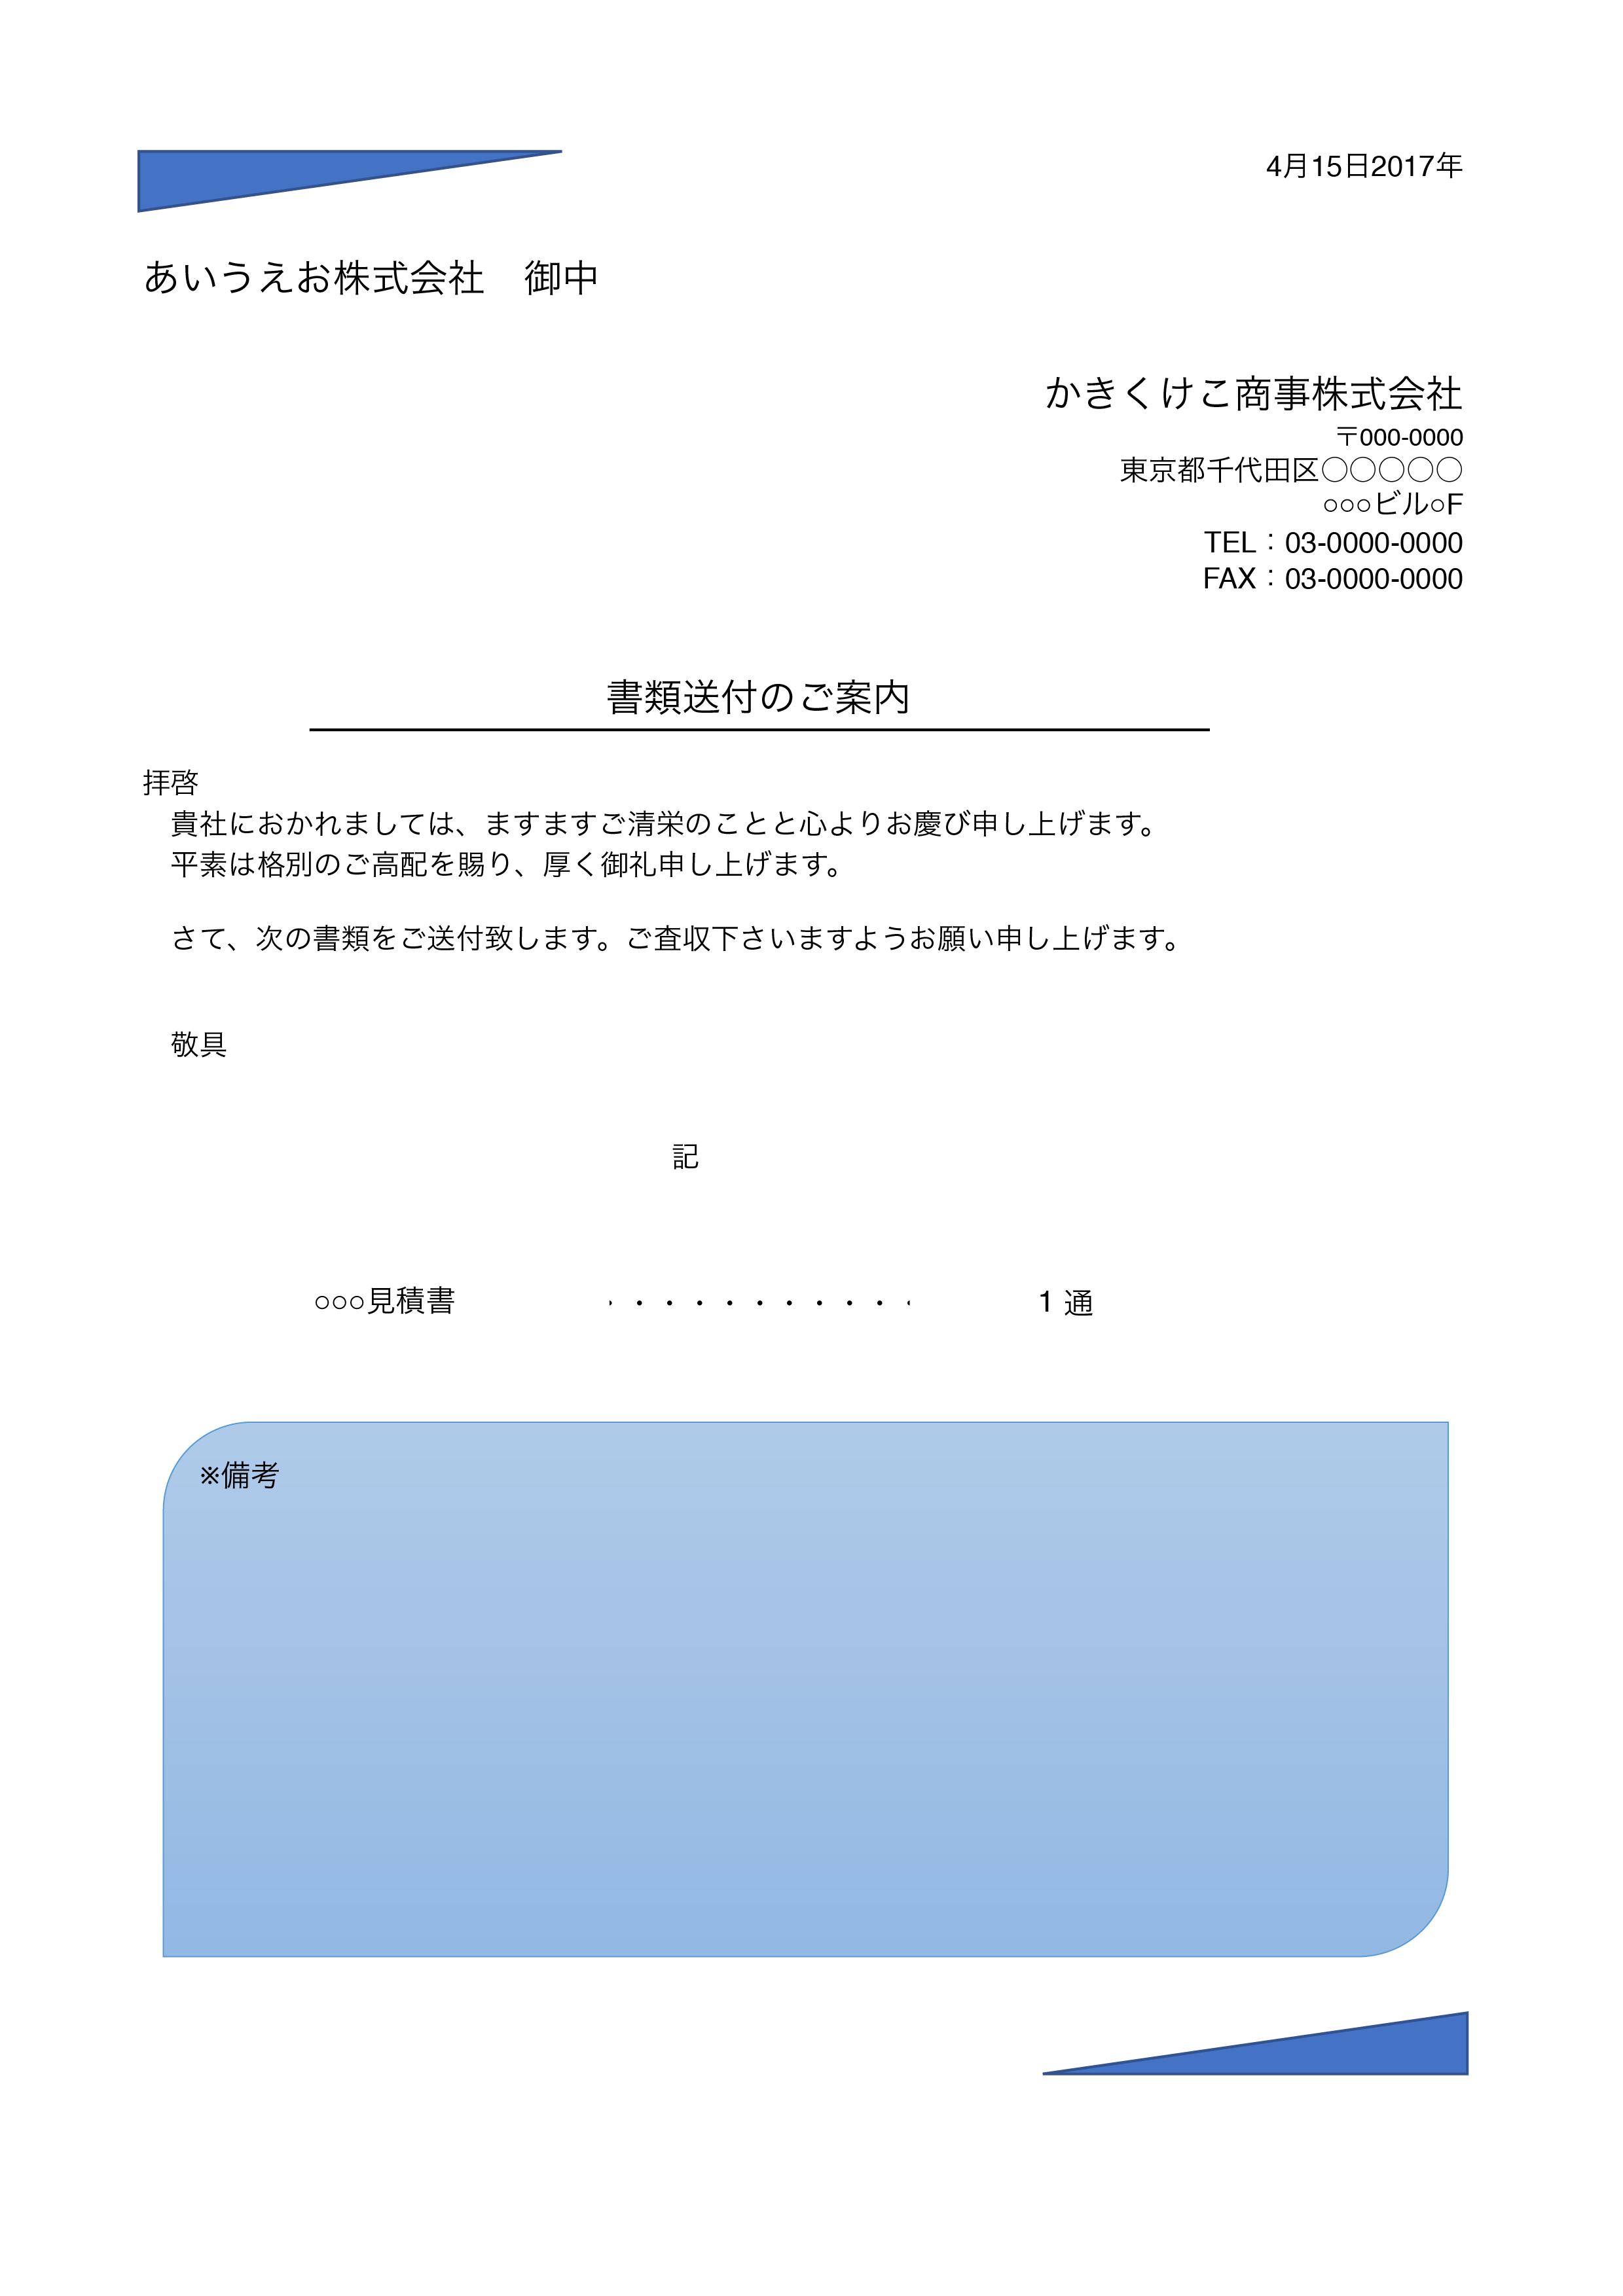 書類送付状テンプレート(エクセル、ナンバーズ)ブルーデザイン